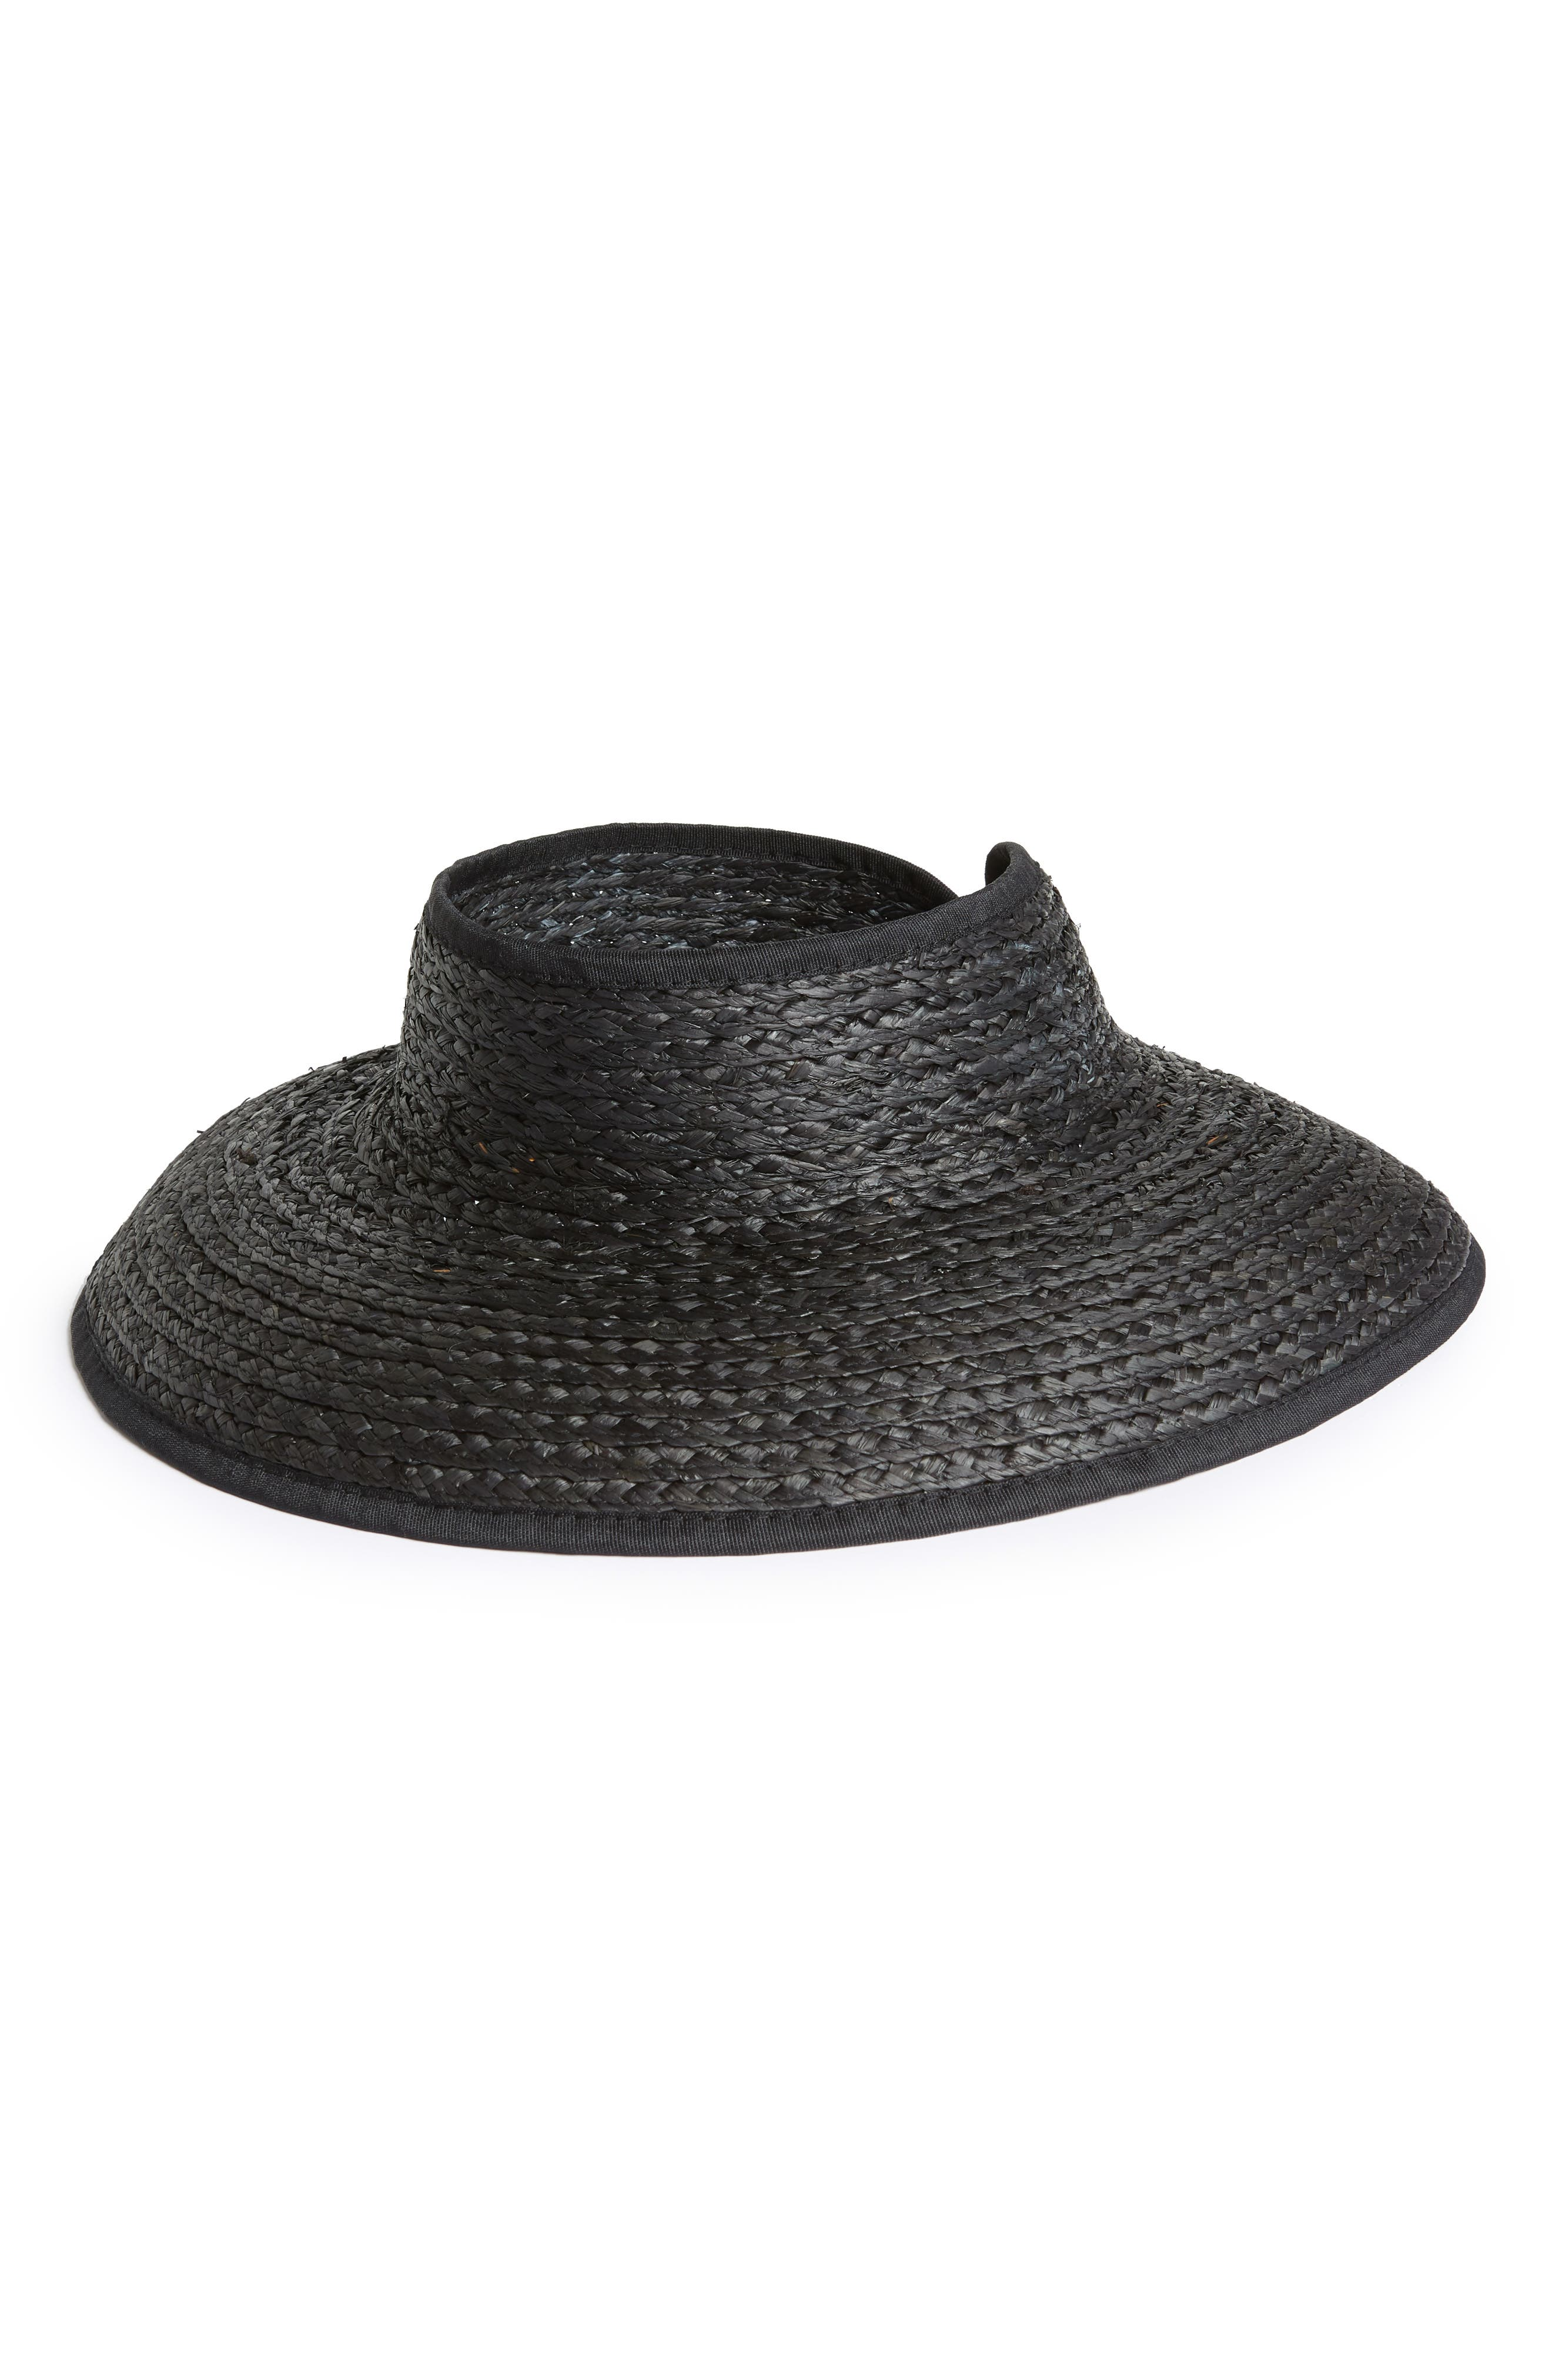 23178af4b78 San Diego Hat All Women